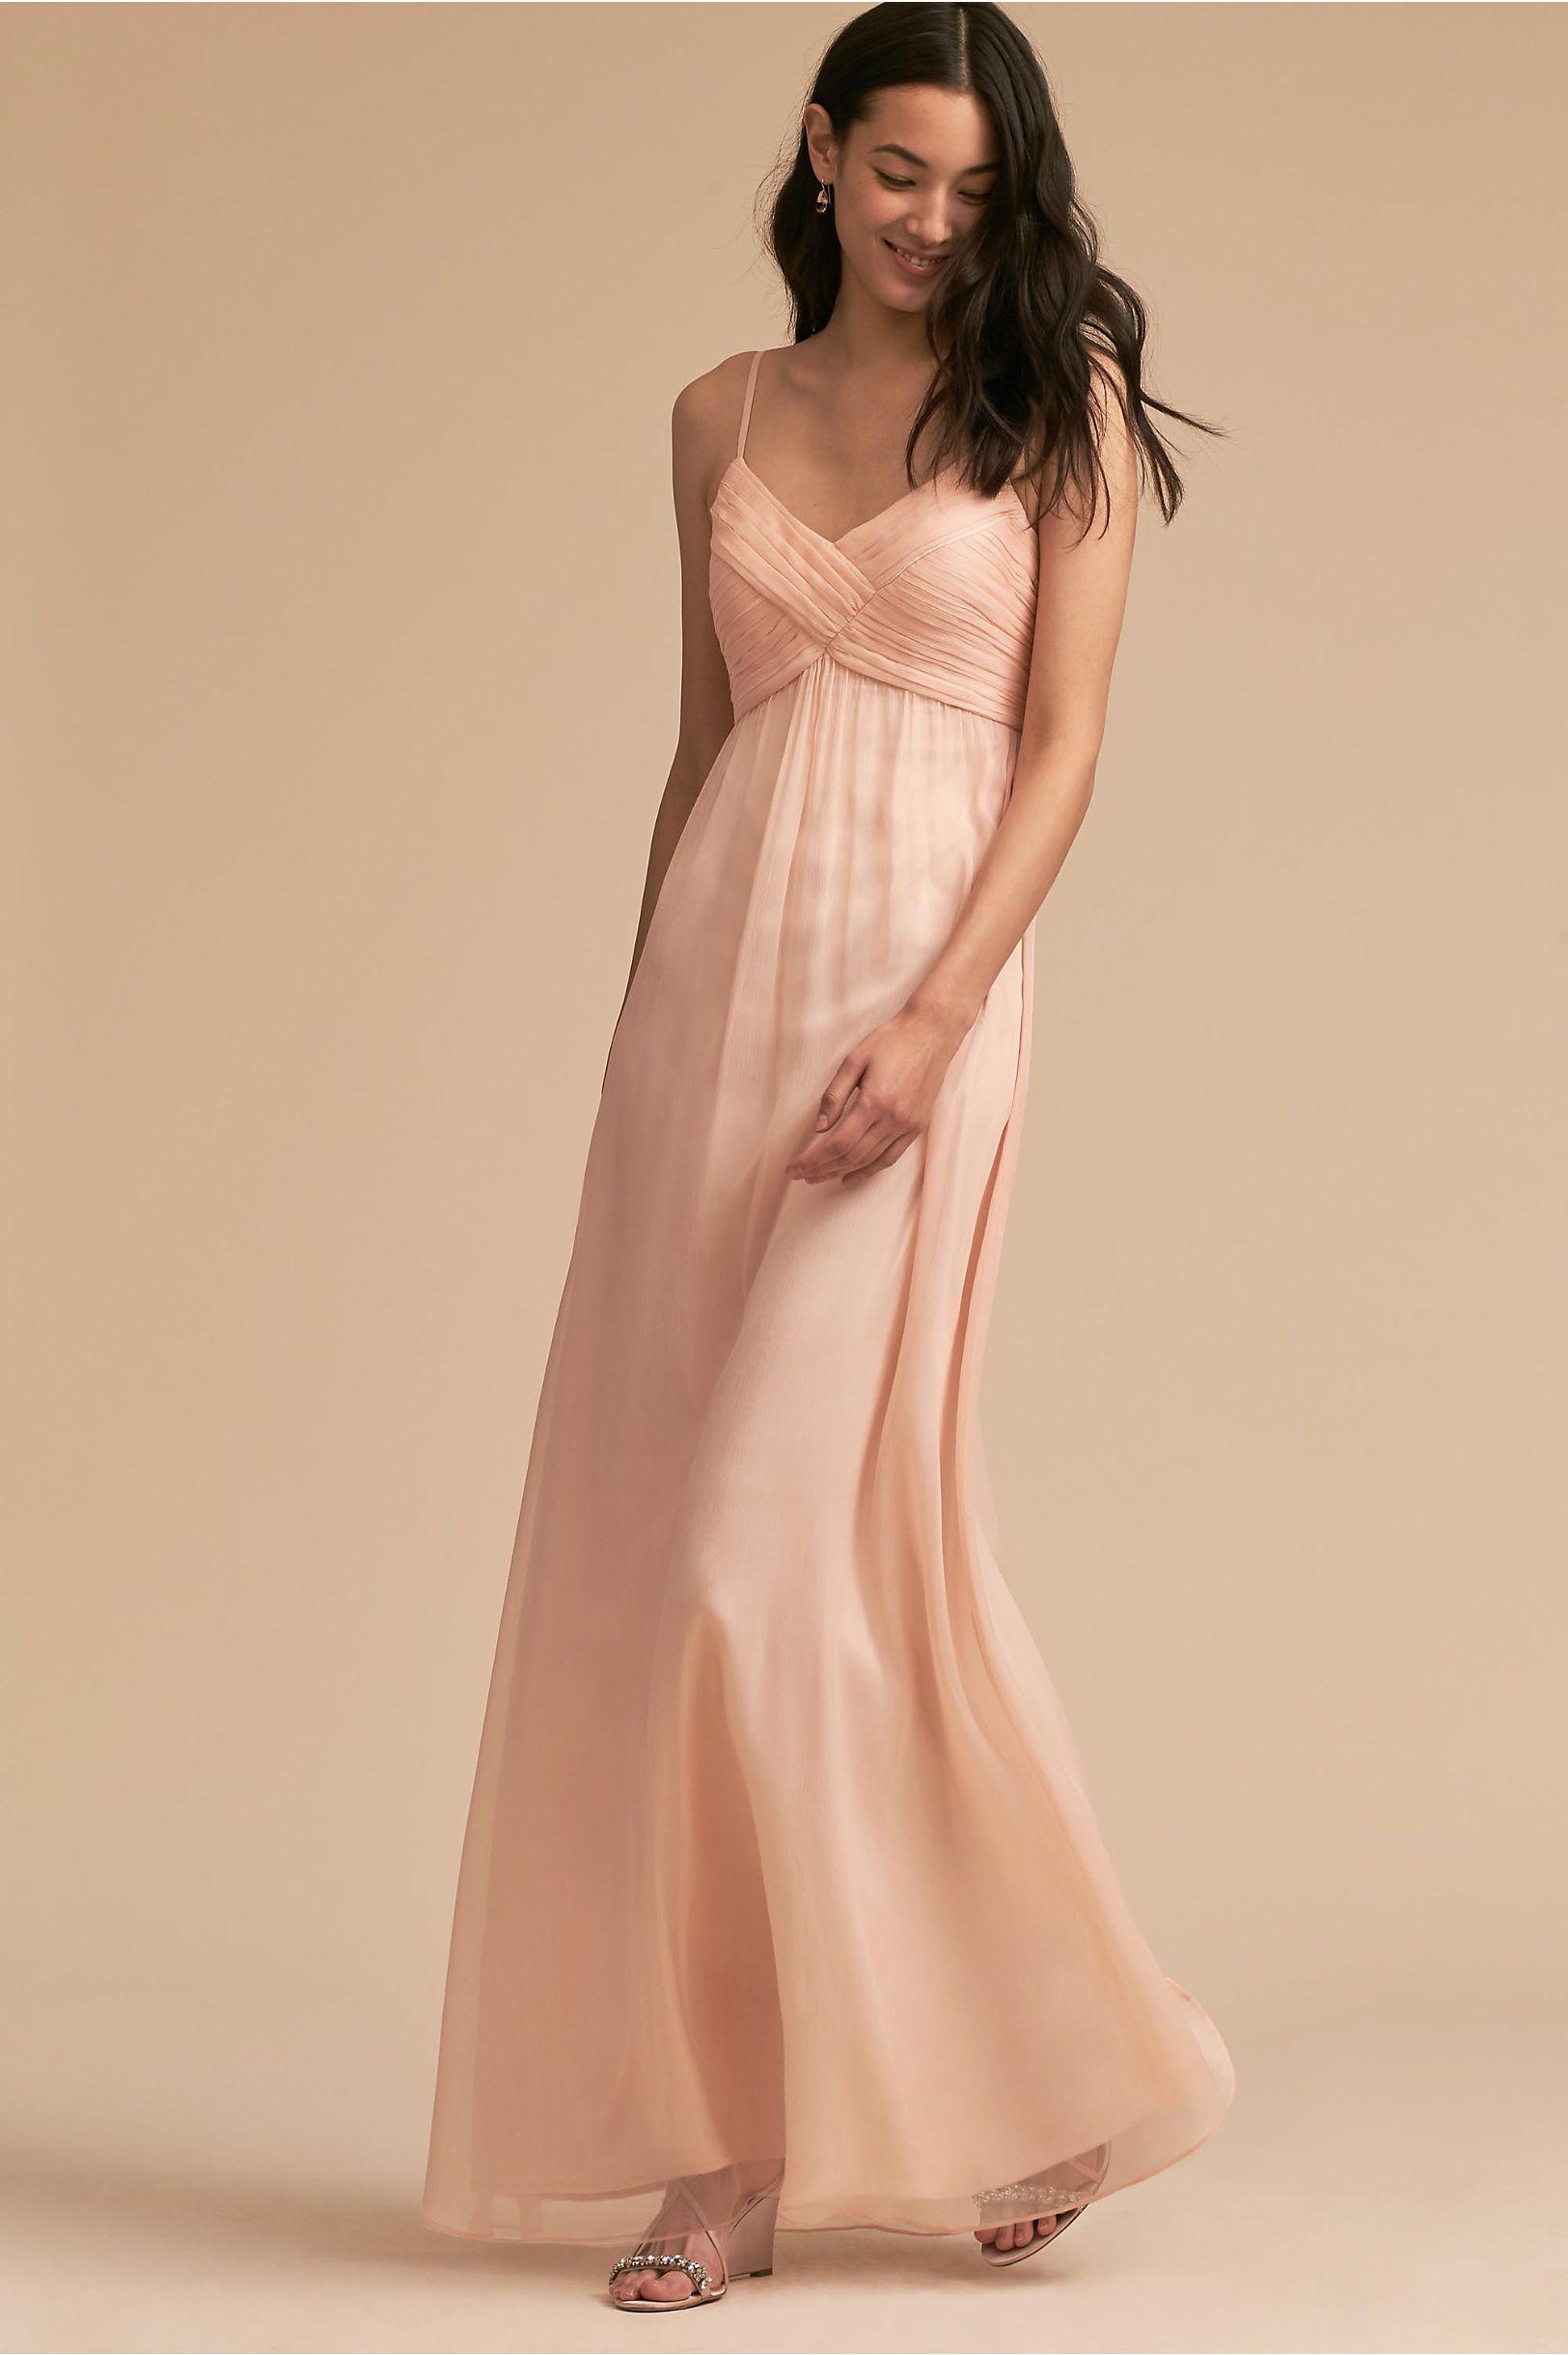 4112597ad8e31 Wedding Crashers Bridesmaids Dresses